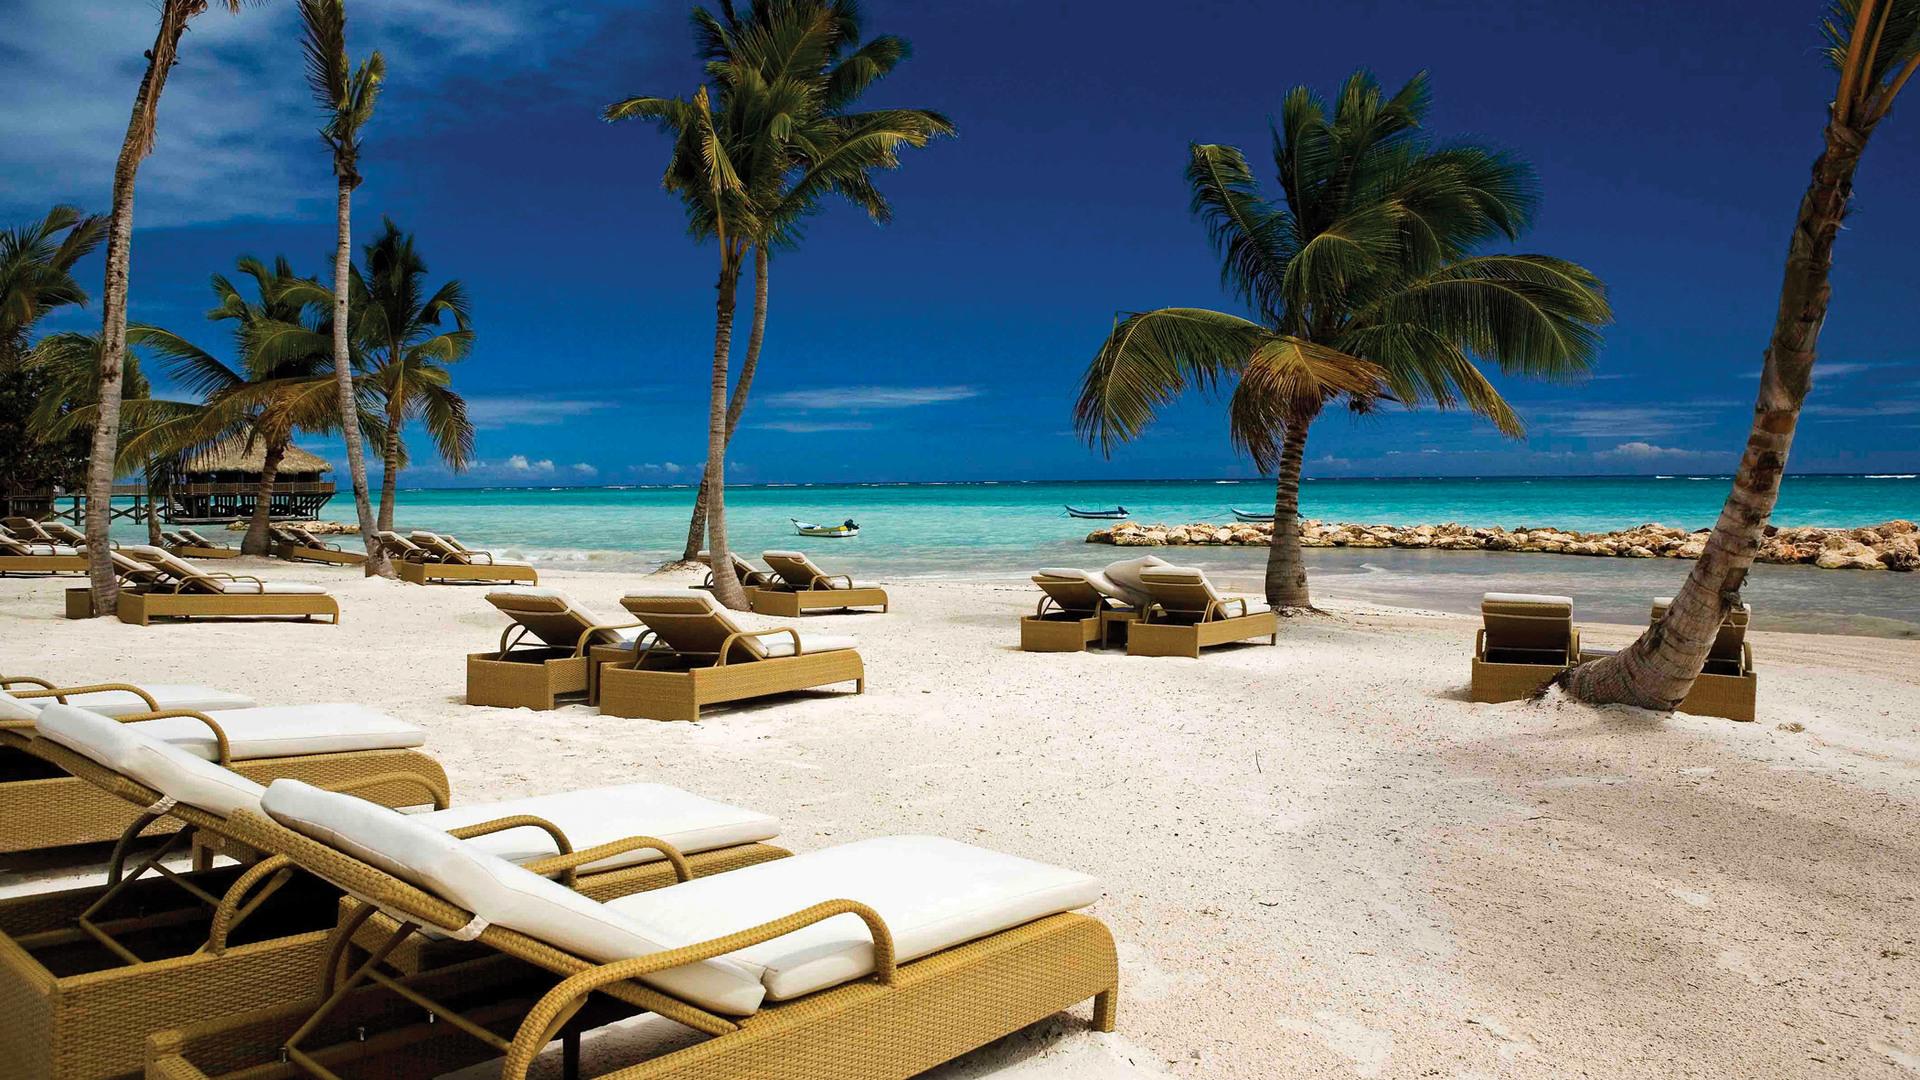 Фото пляжа Кап Кана в Доминикане